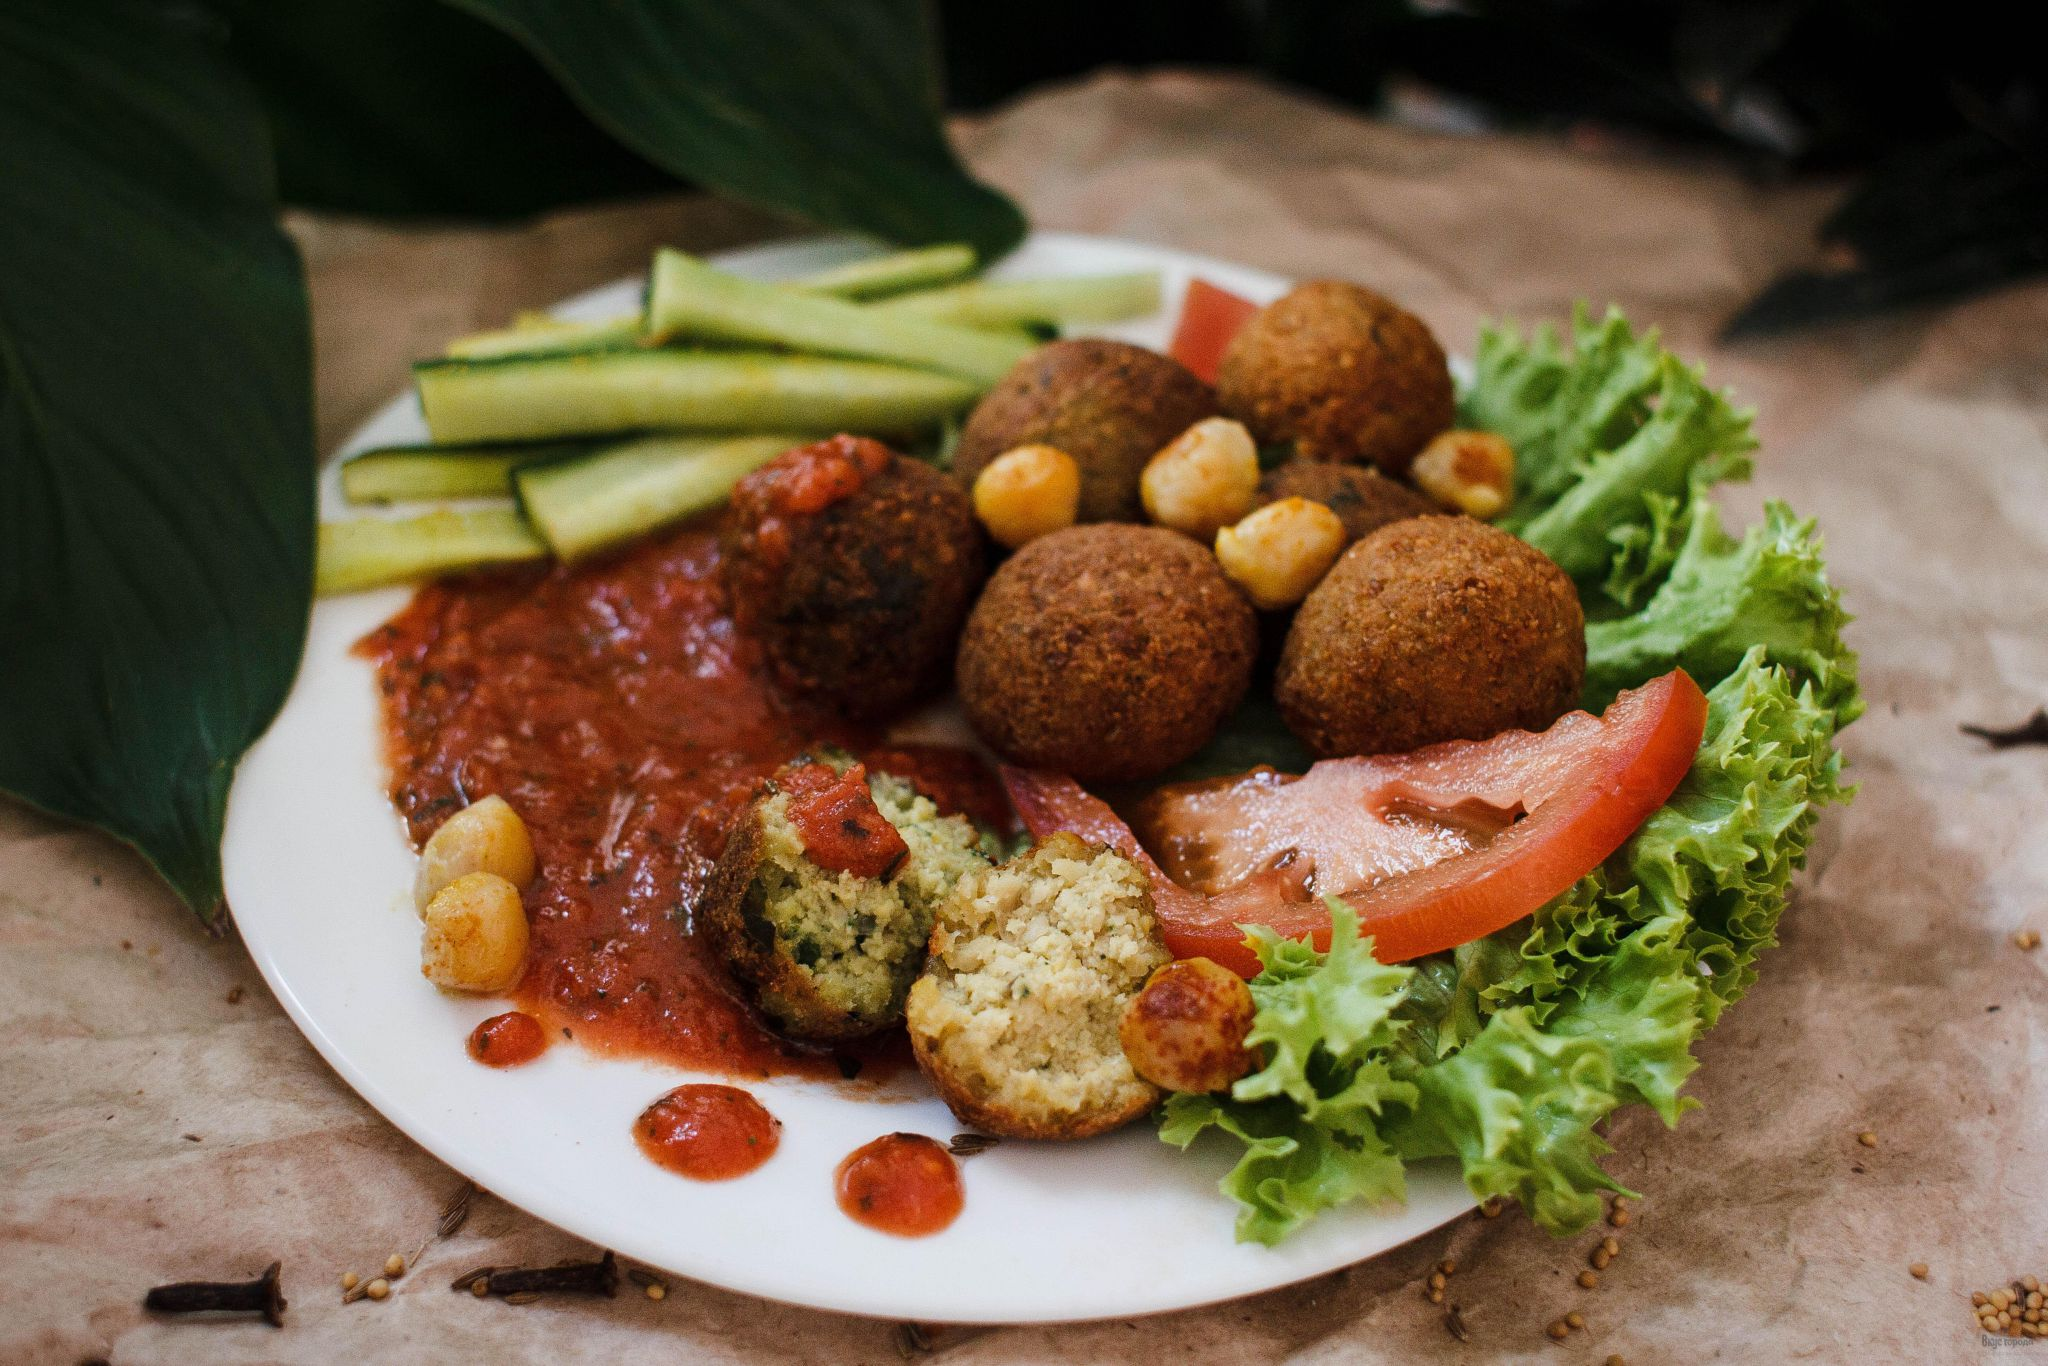 Pictures of falafel balls